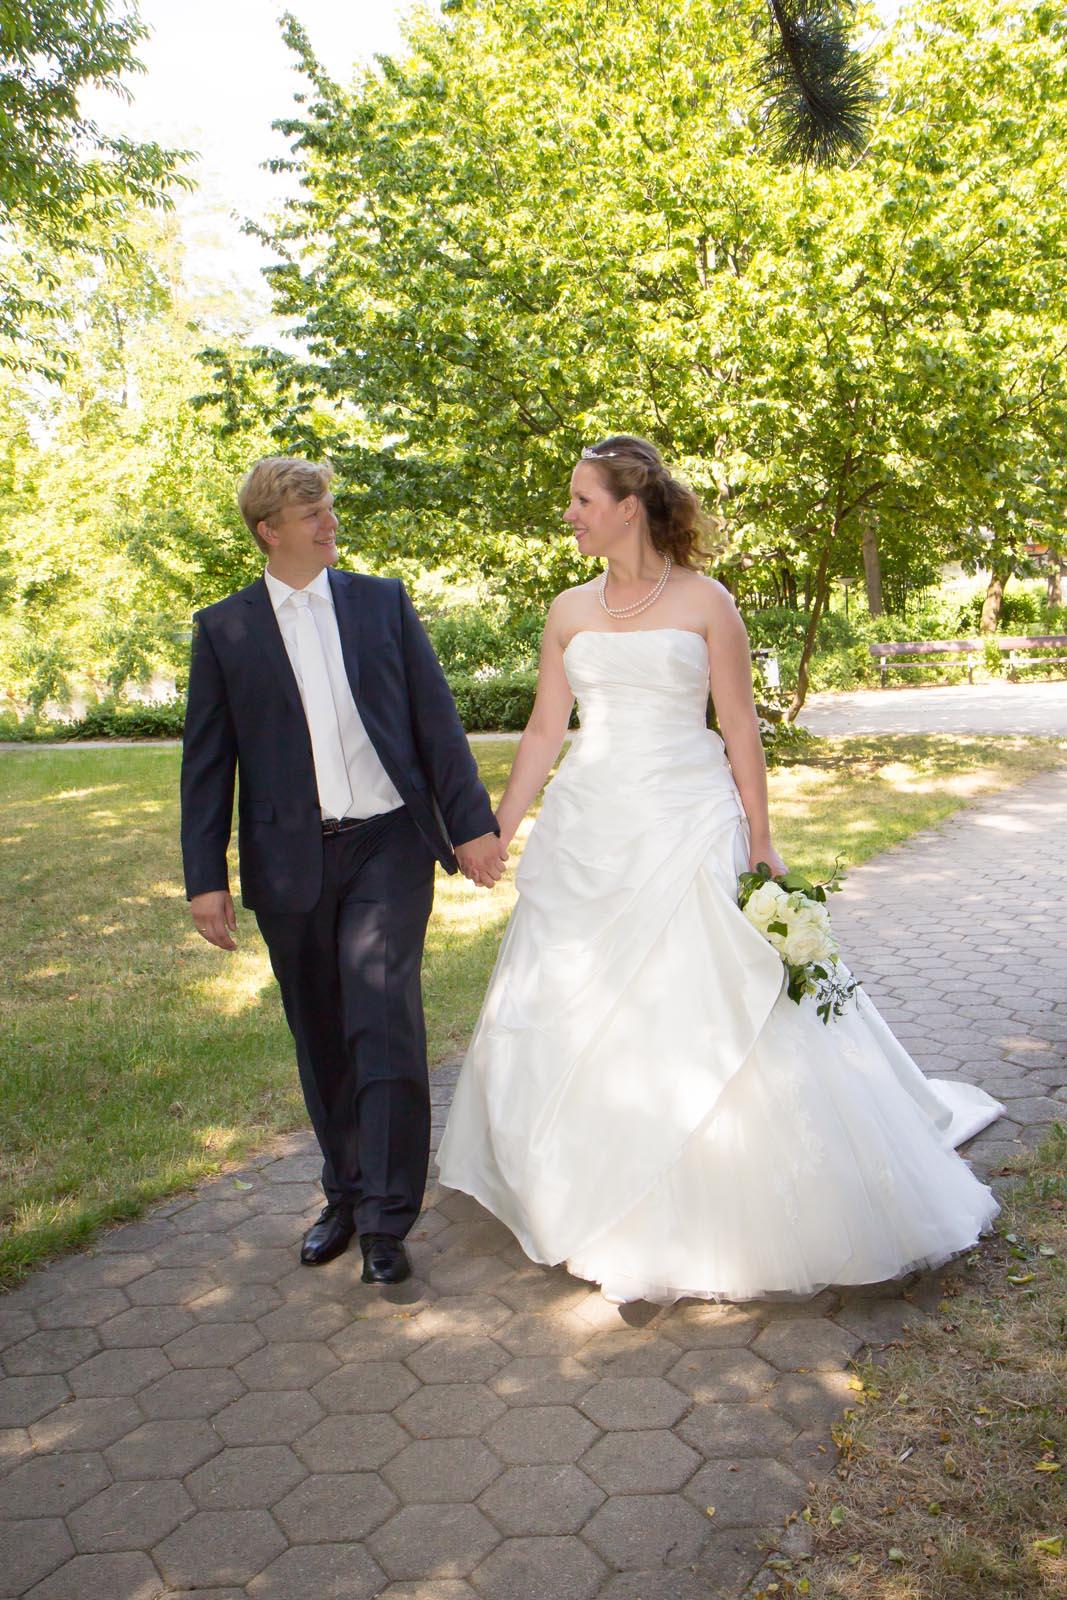 Hochzeit-Portraits-Oettl-Hochzeit-Oettl-2901.jpg